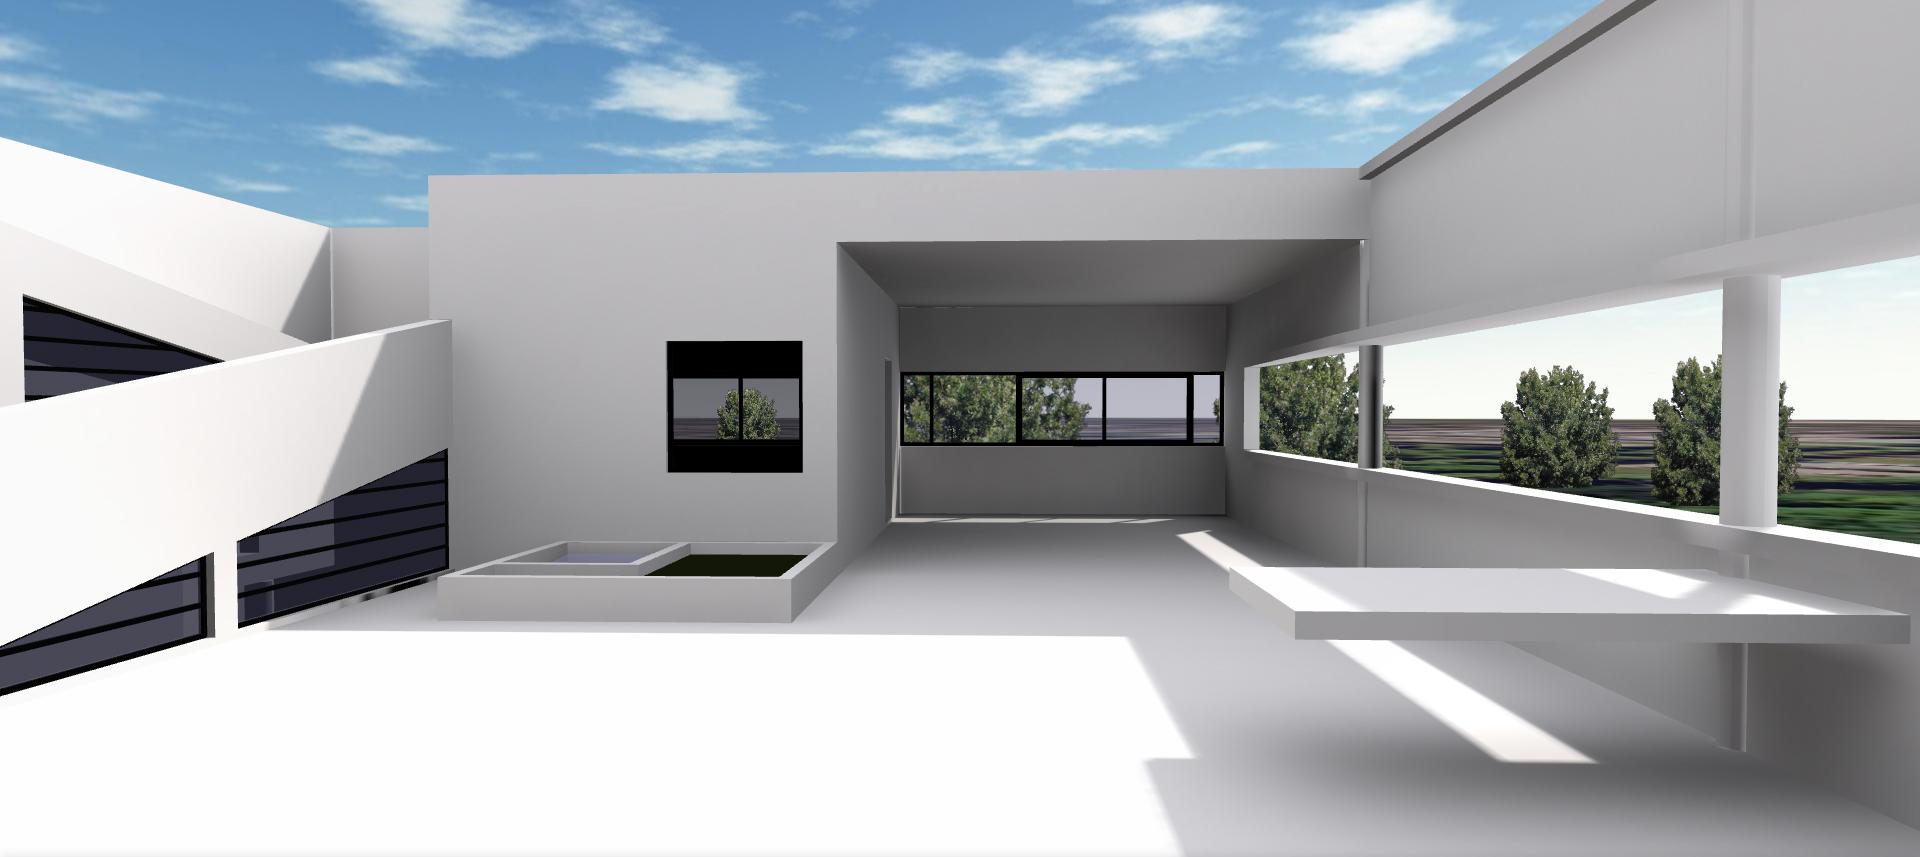 Villa savoye imaj n for Architecture contemporaine